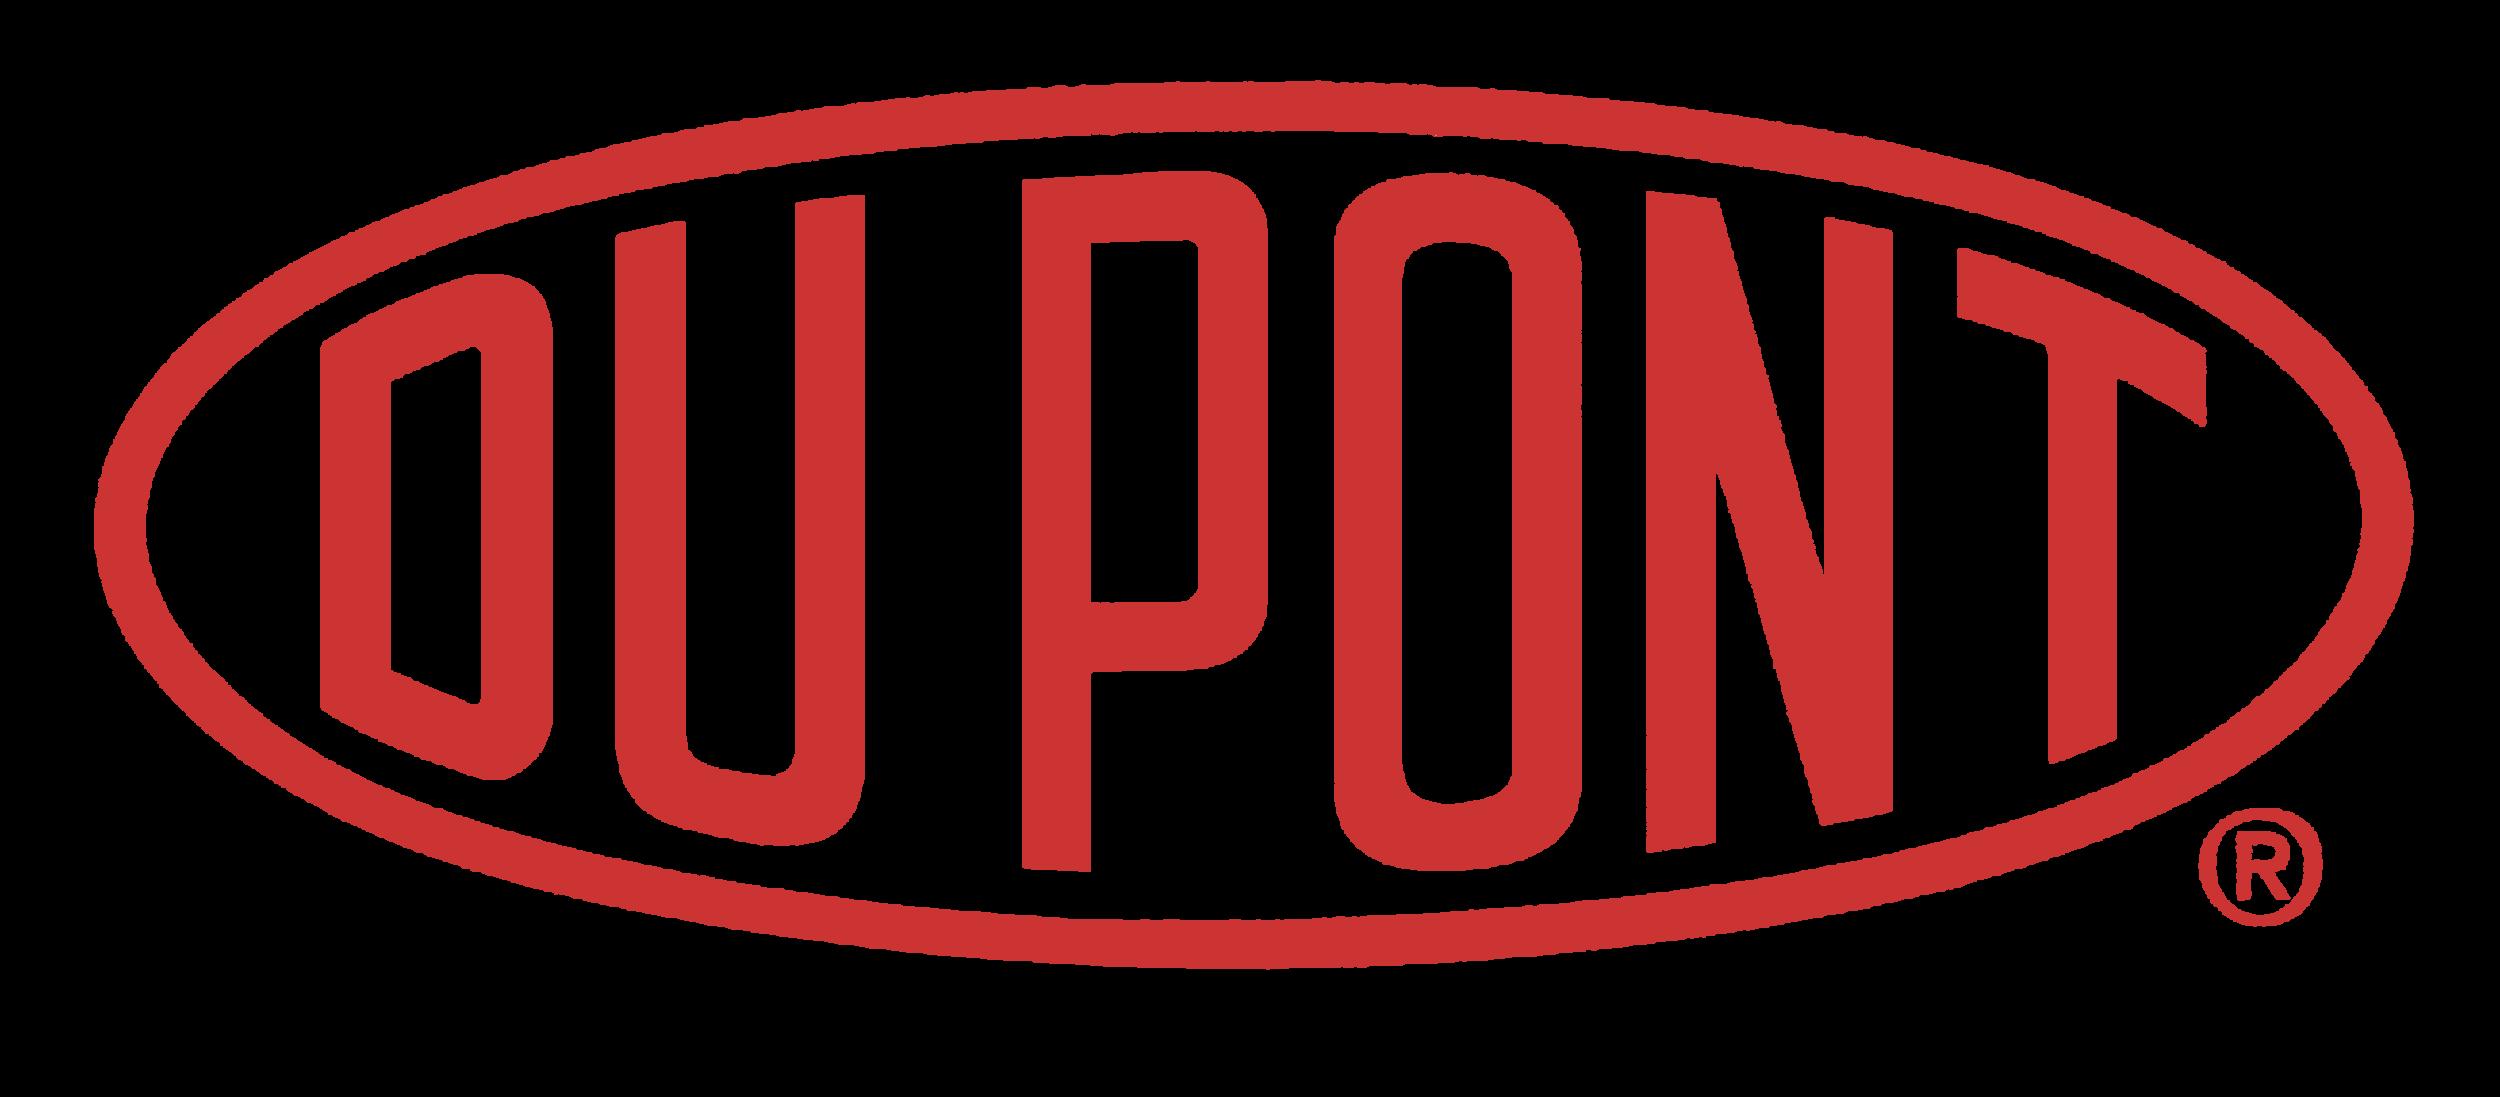 DuPont-Logo-Large-Transparent-Bkgd.png